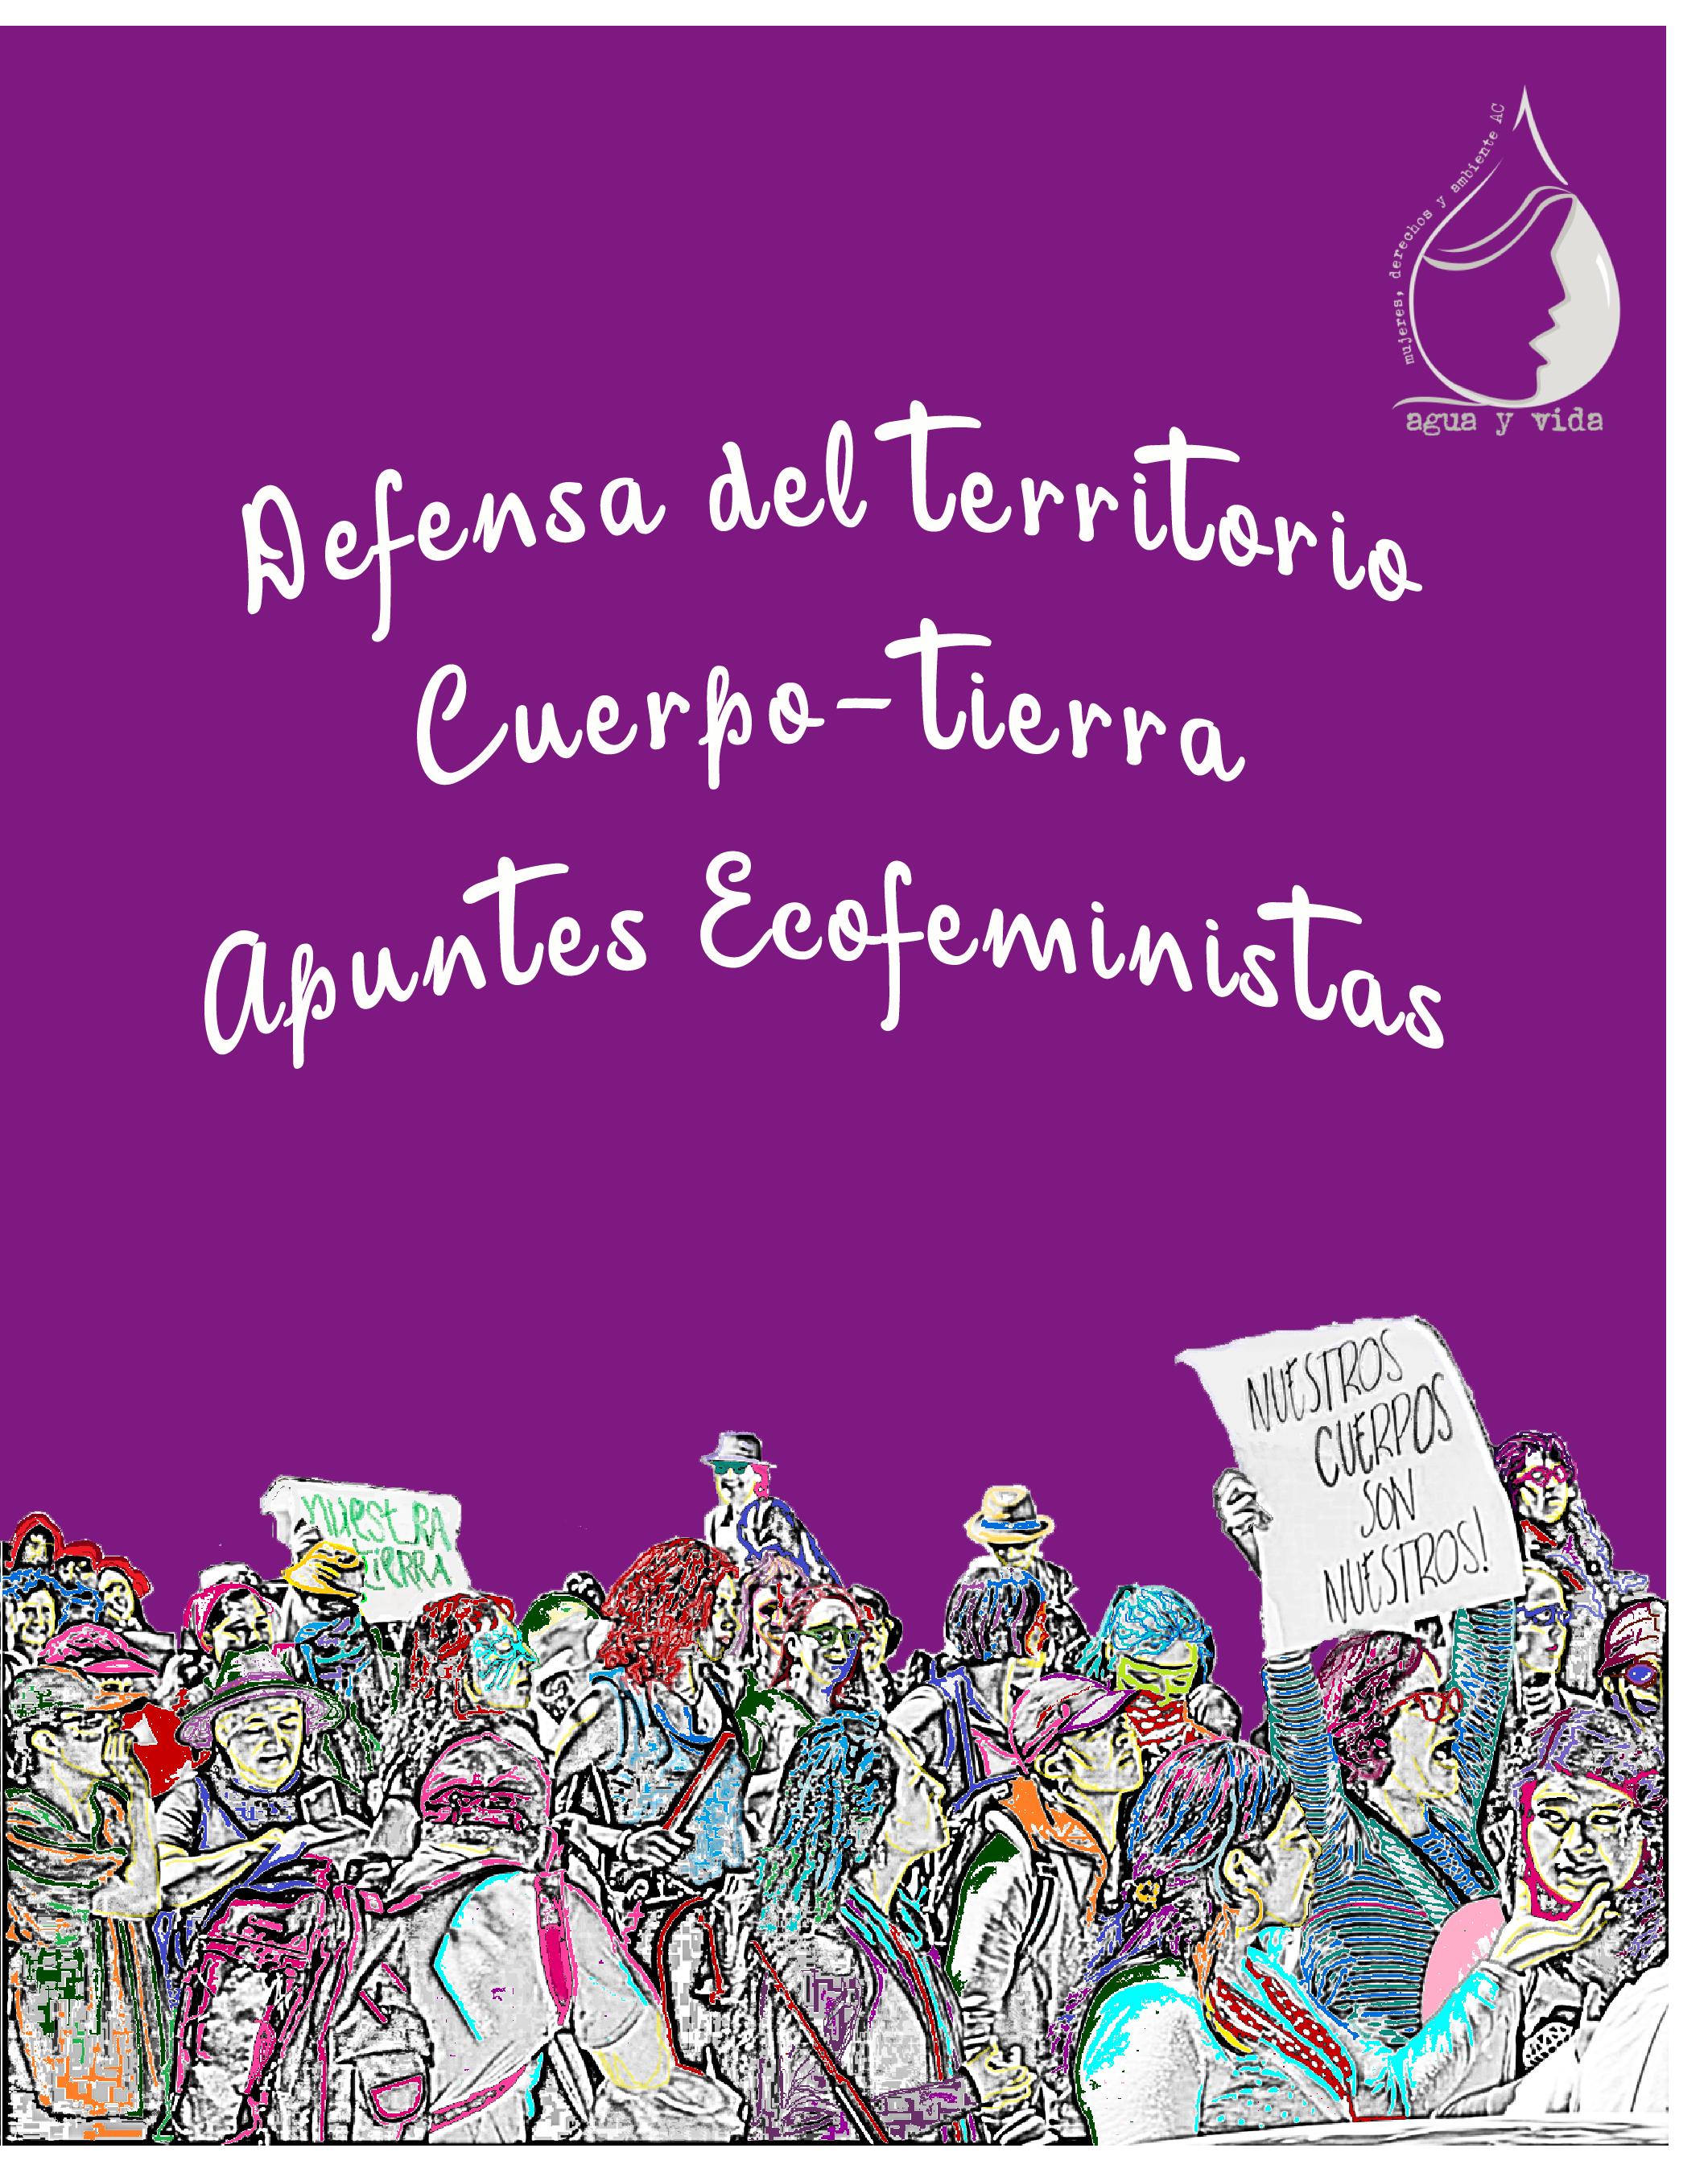 Defensa Ecofeminista del Territorio Cuerpo Tierra